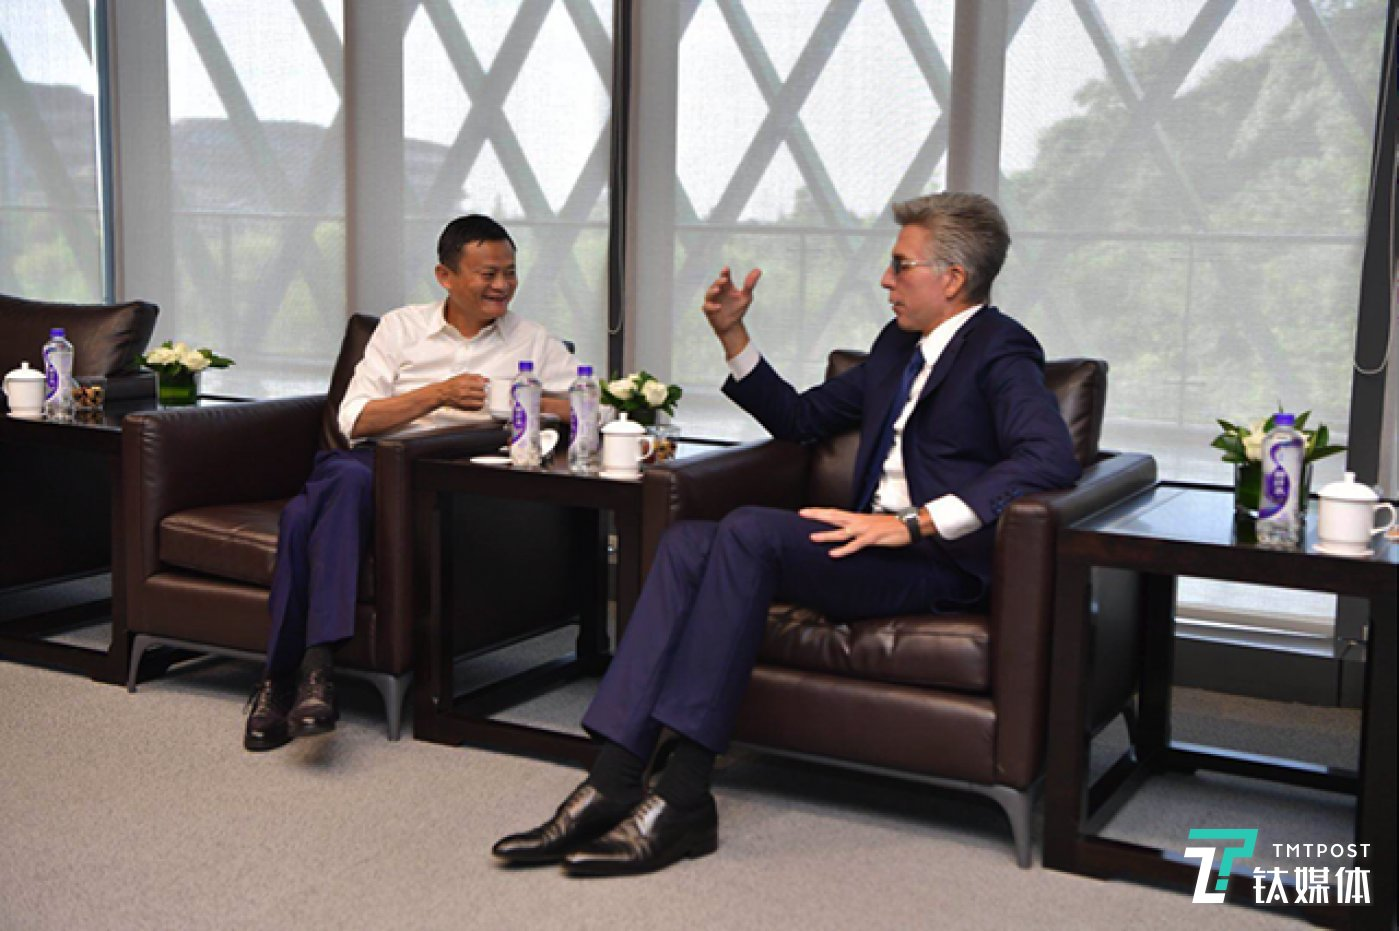 图说:2018杭州云栖大会期间,SAP 公司CEO孟鼎铭与阿里巴巴集团董事局主席马云会面